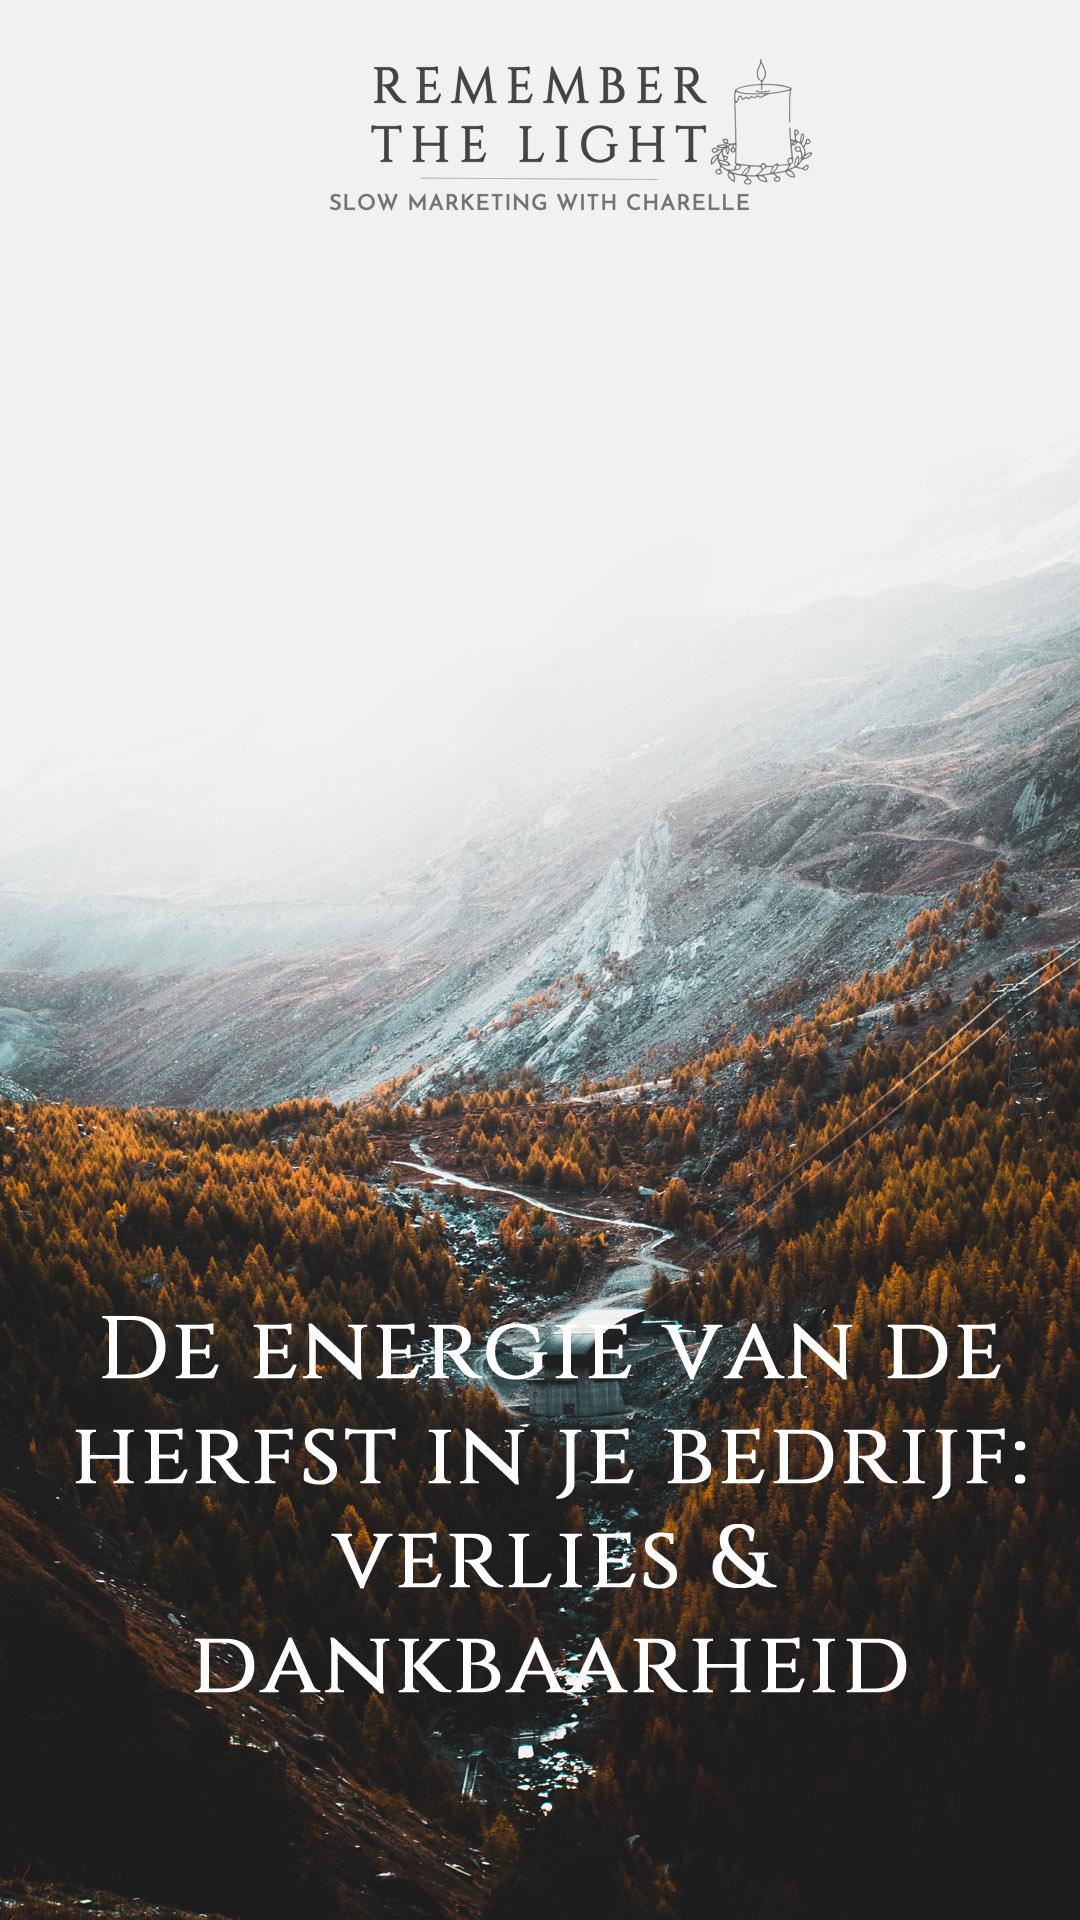 energie-herfst-bedrijf